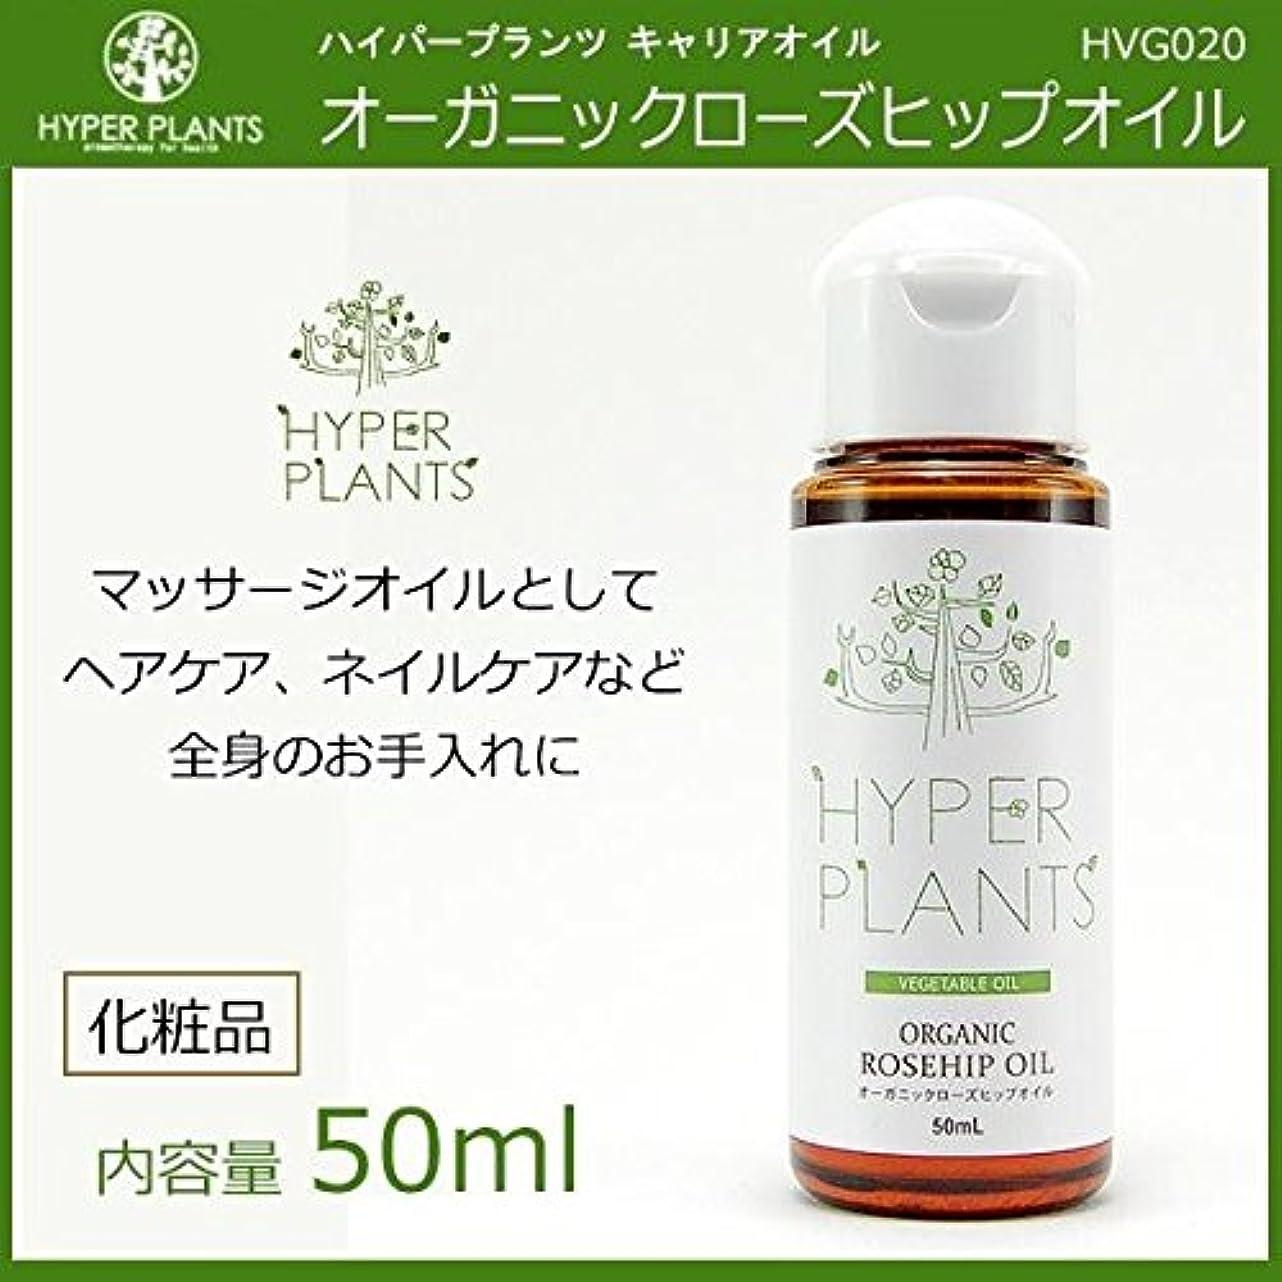 国家狂人従事するHYPER PLANTS ハイパープランツ キャリアオイル オーガニックローズヒップオイル 50ml HVG020